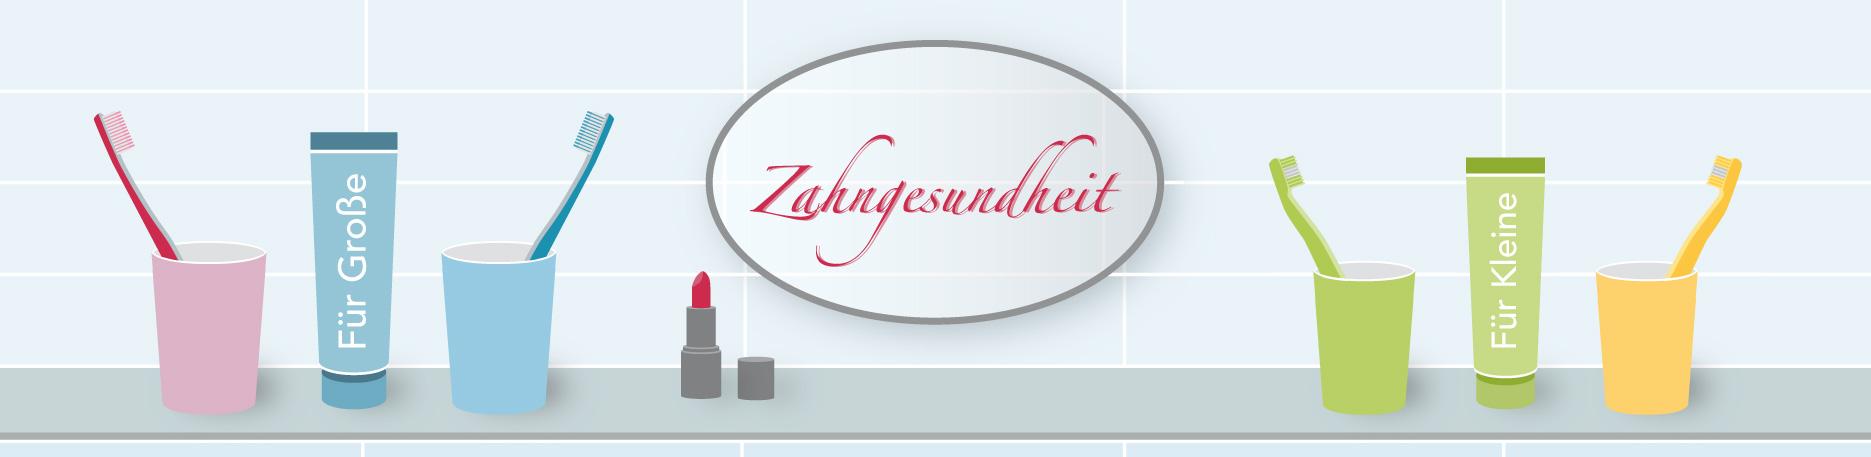 Titelbild der Seite Zahnschmuck - Zahnarztpraxis im Zerbster Zentrum - Zahnarzt Dr. med. Bernd Lux